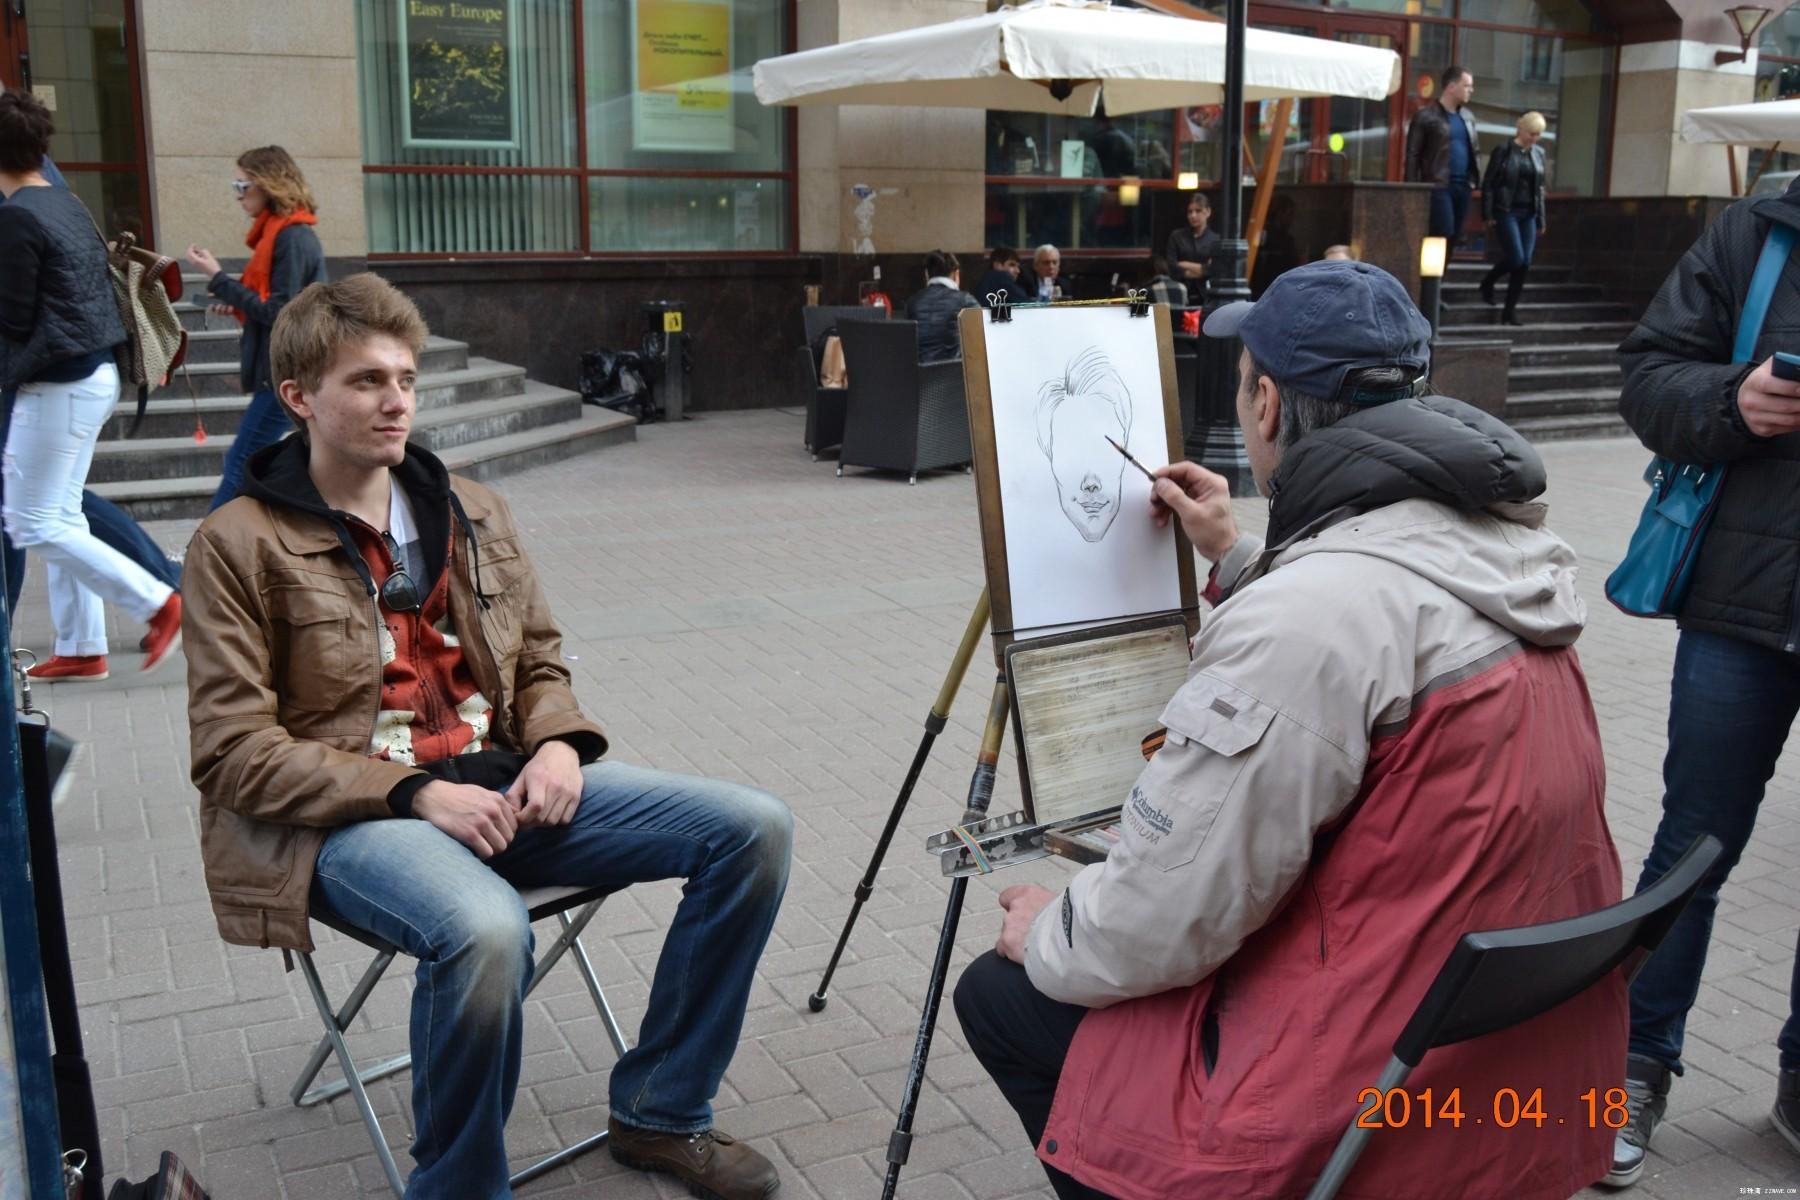 阿尔巴特大街上的画师与街景 - lliiang1017 - 燕山红场的博客